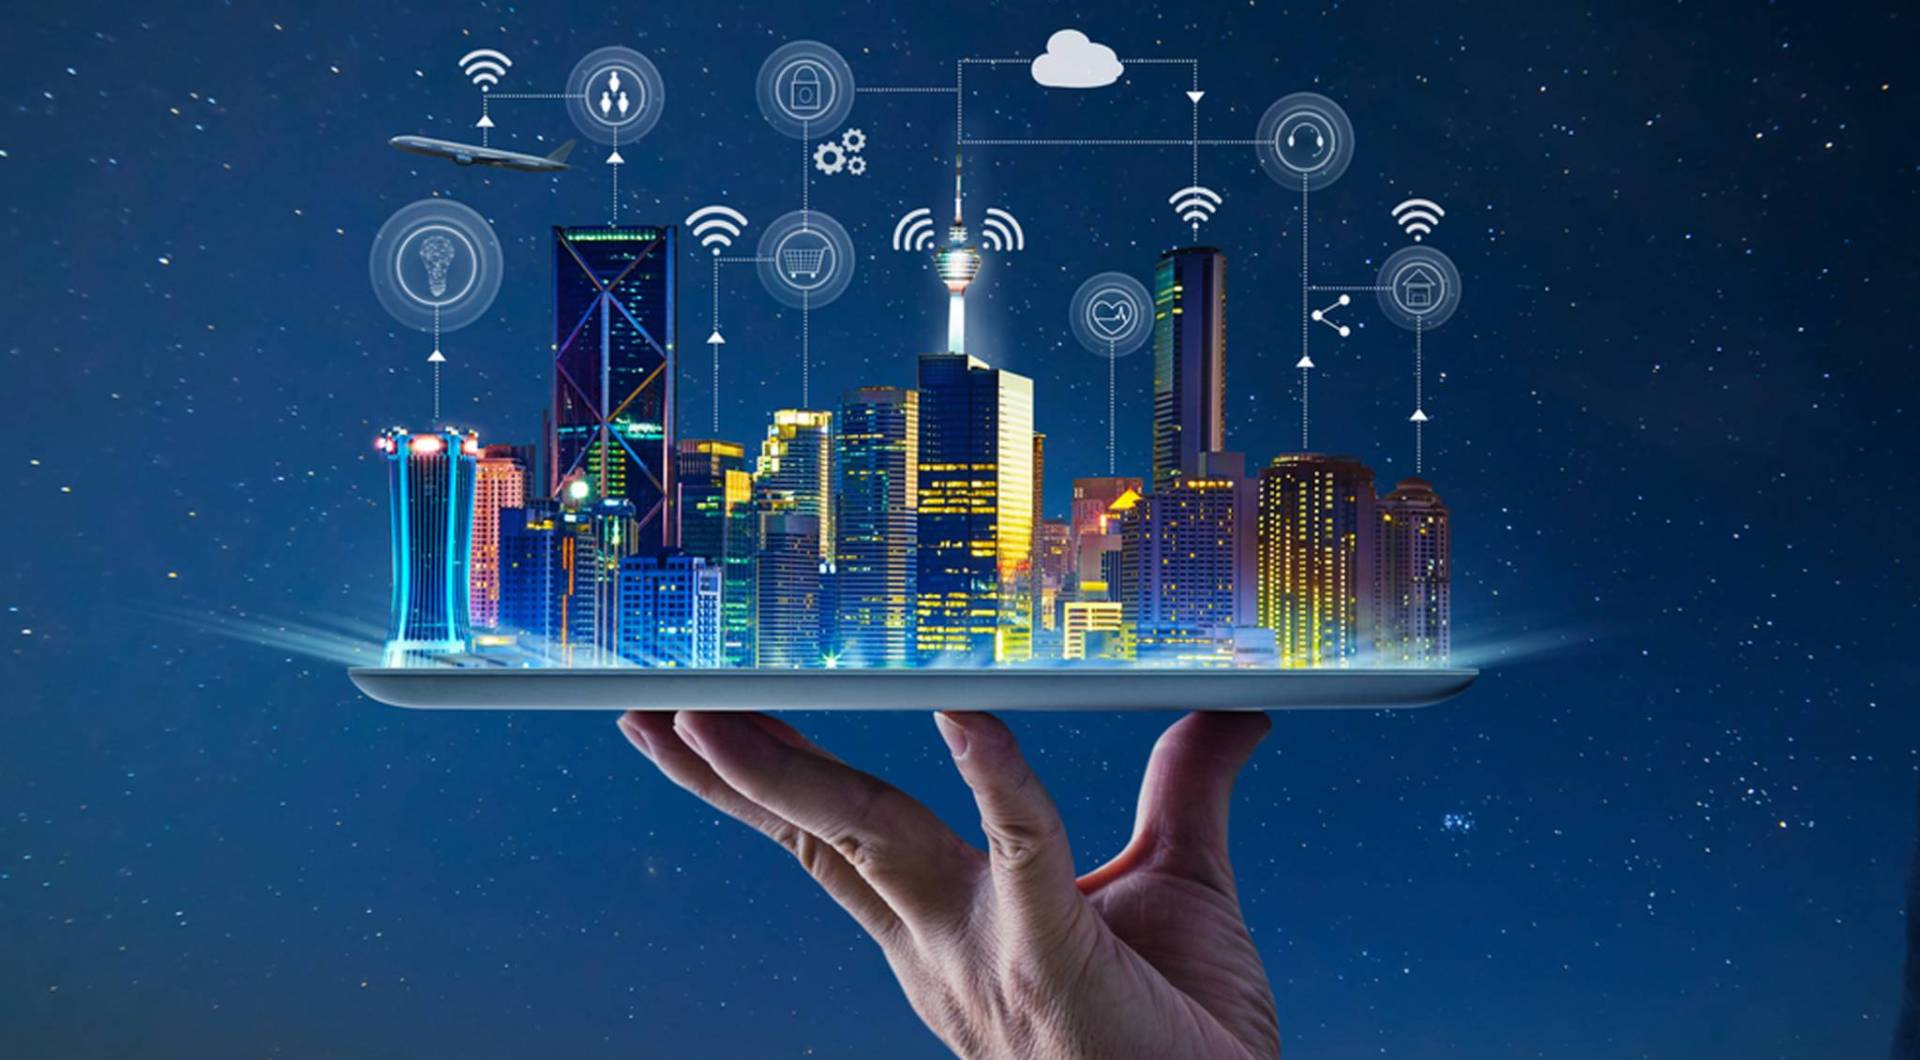 سنغافورة تتصدر قائمة المدن الذكية عالمياً.. وهلسنكي وصيفاً